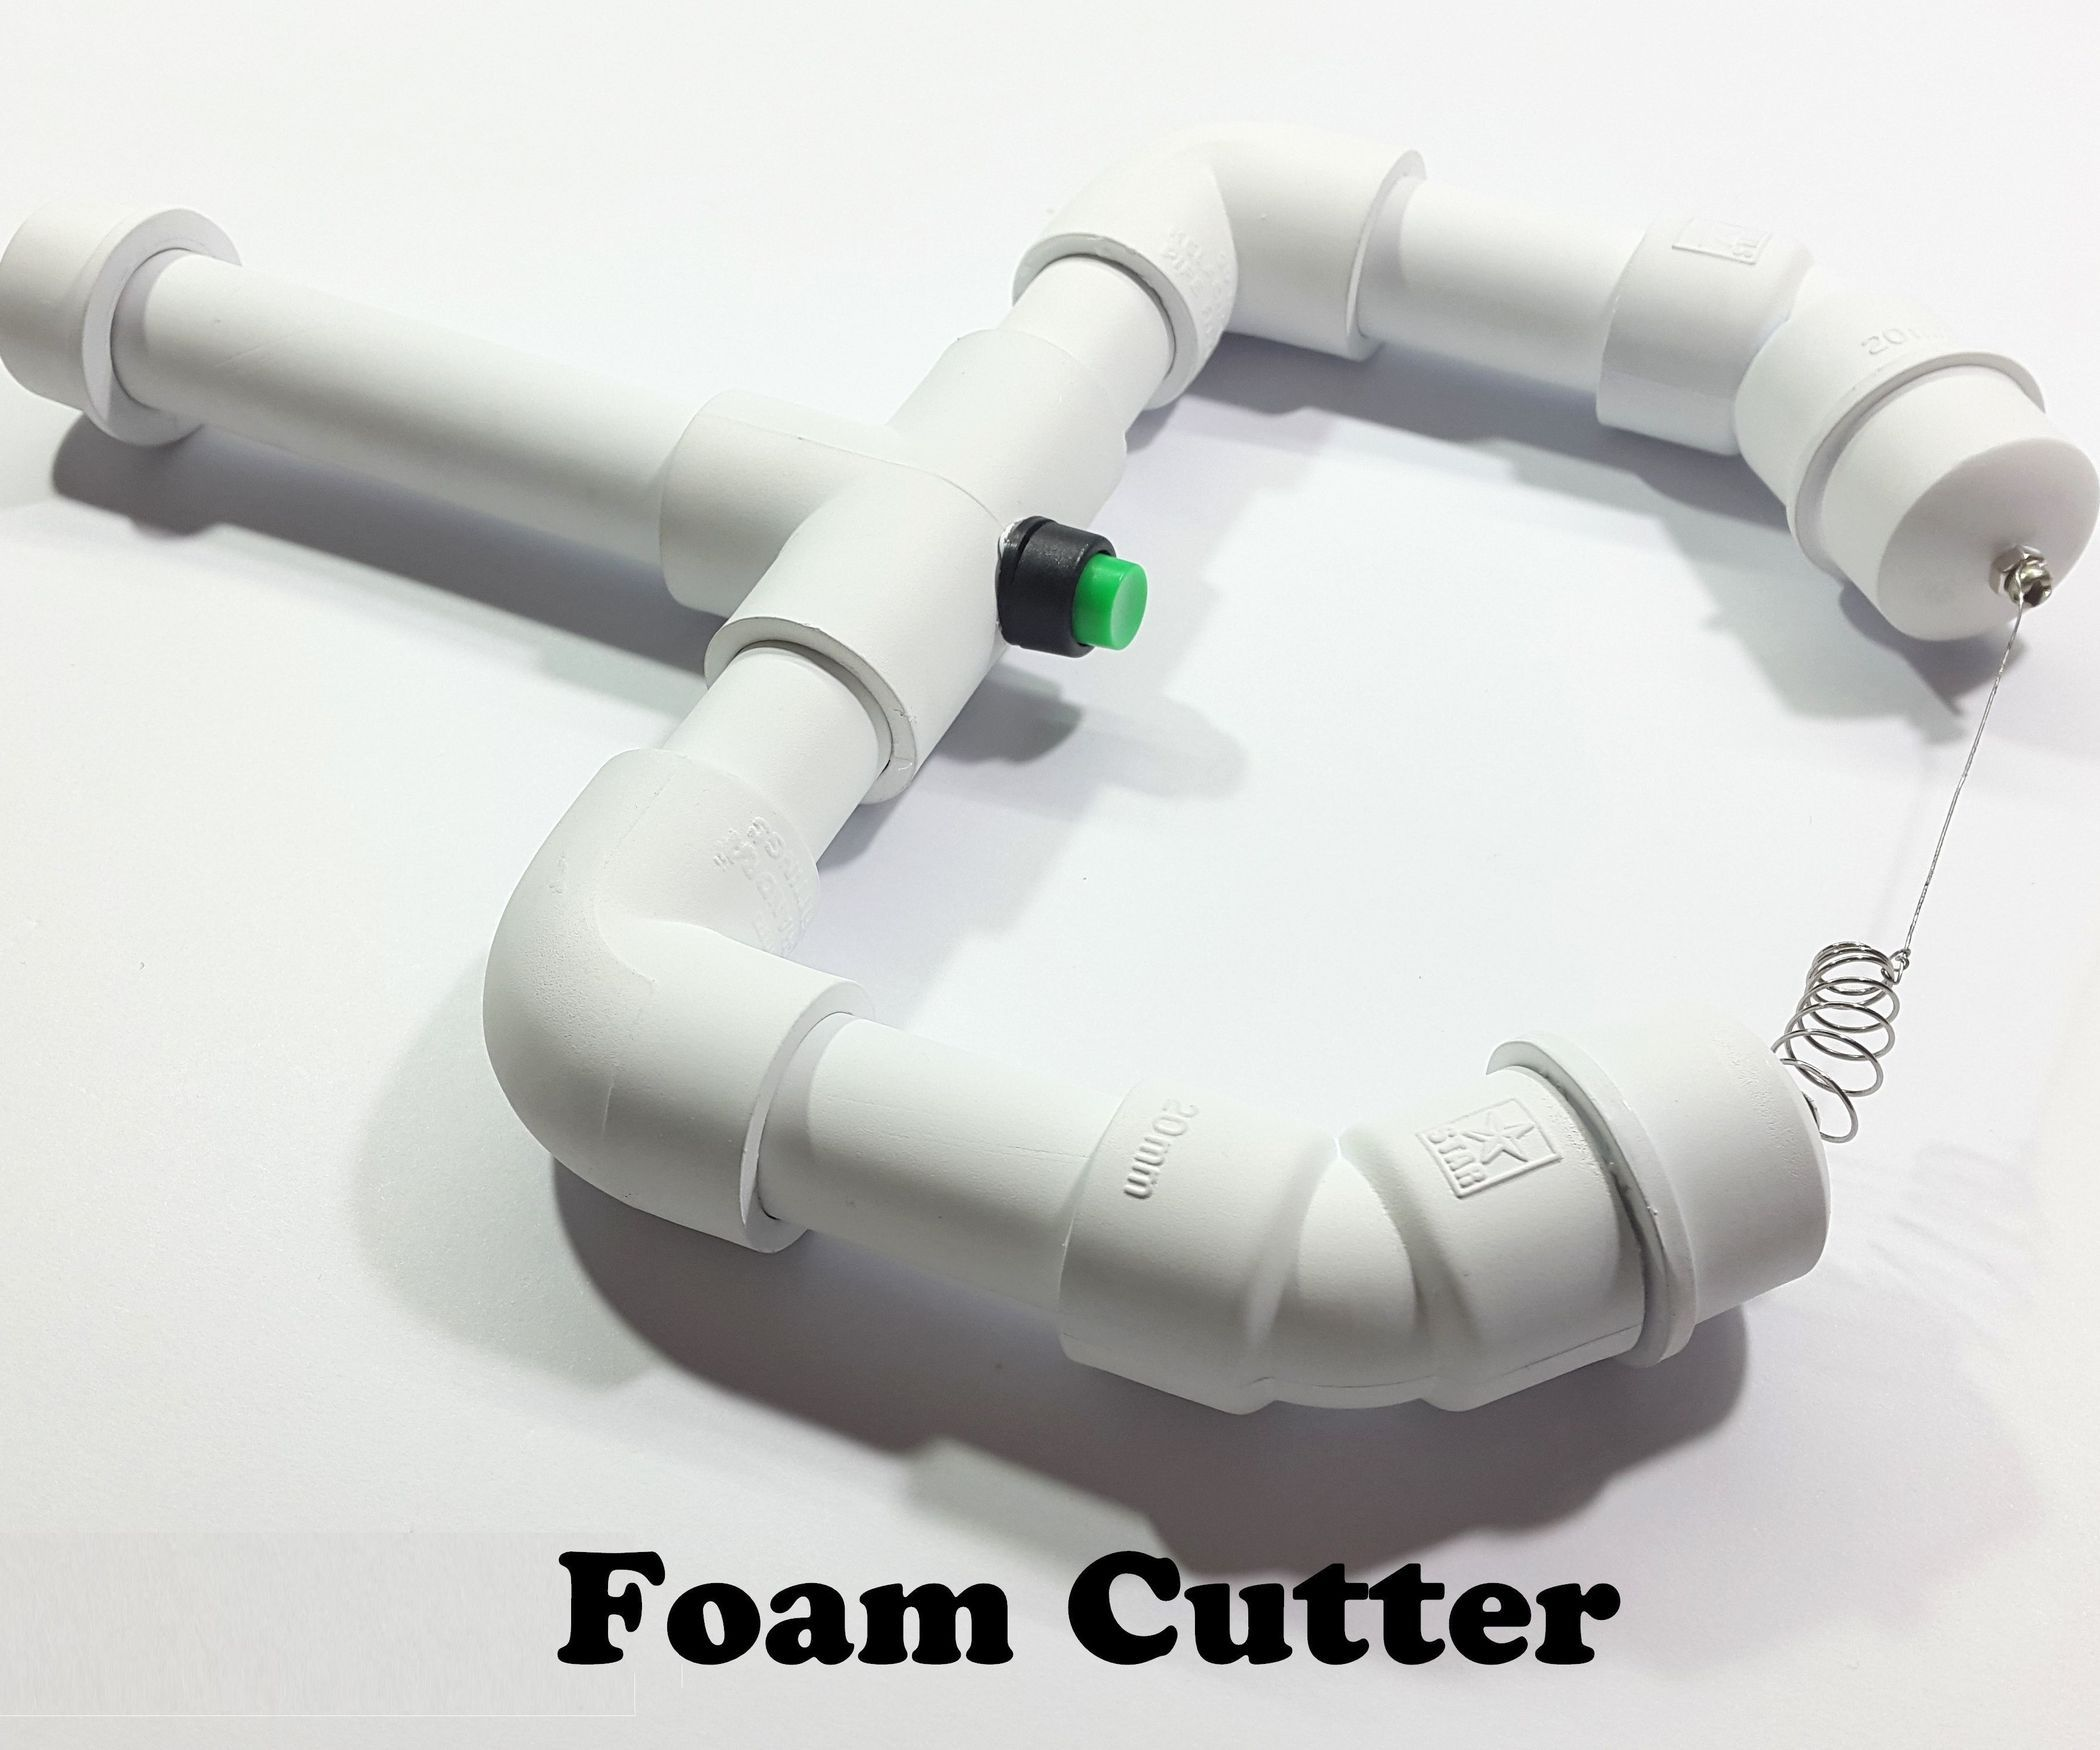 Hot Wire Foam Cutter | Foam cutter, Cuttings and Tutorials